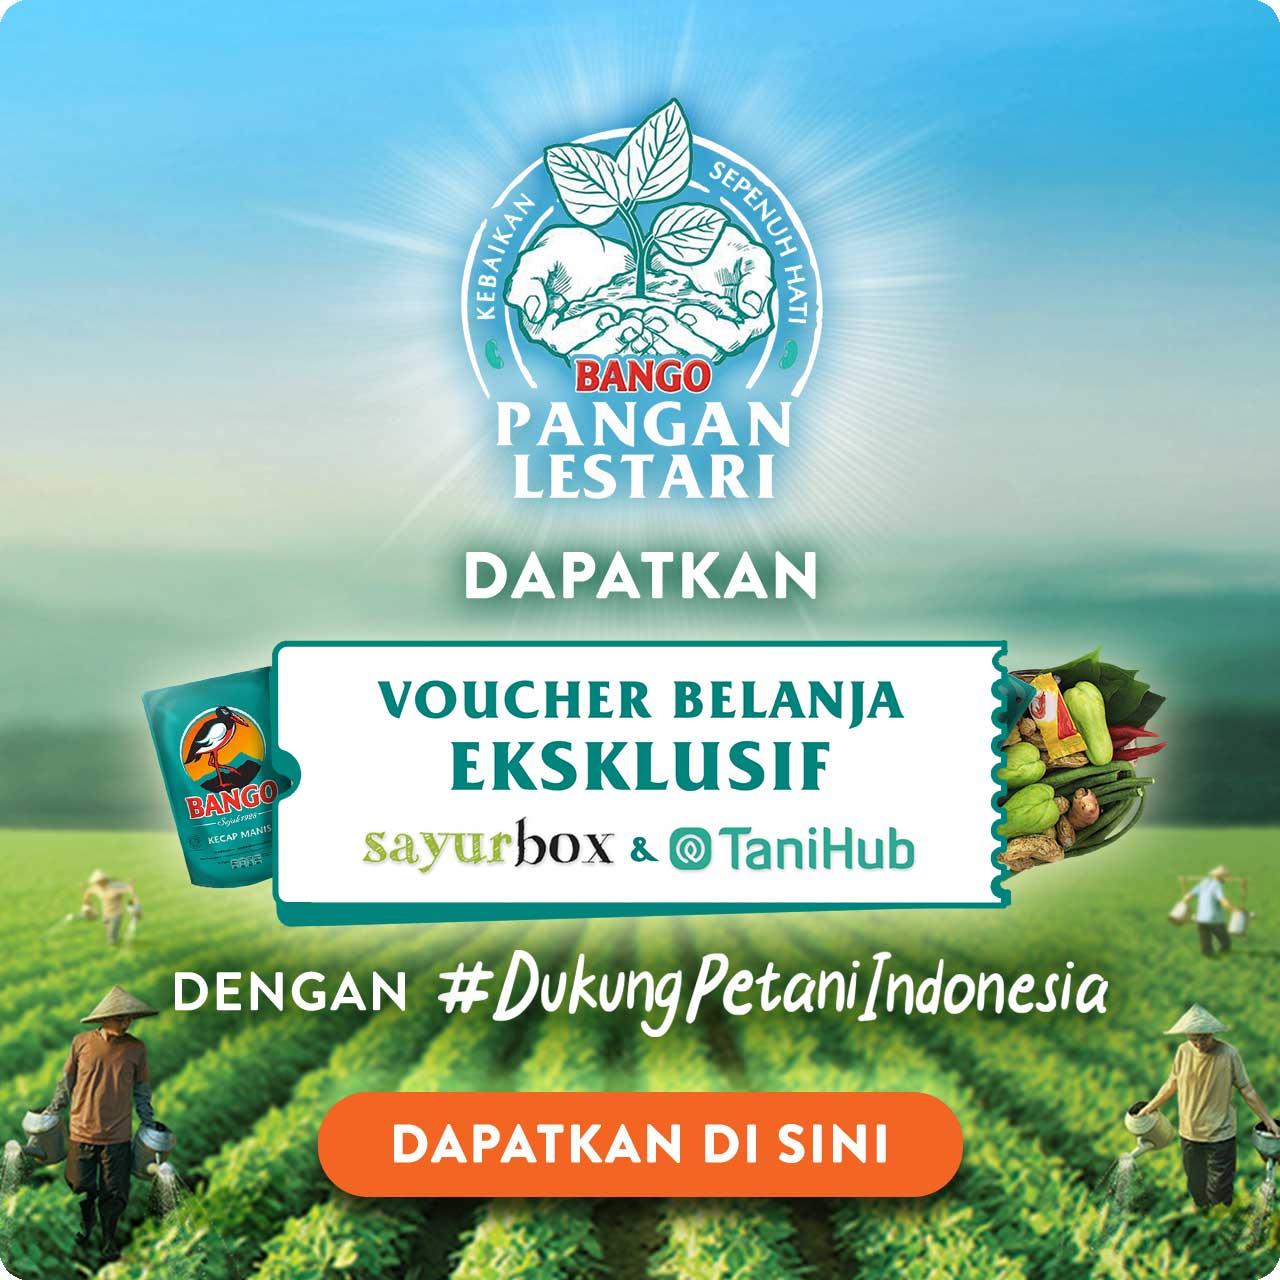 Dapatkan Voucher Belanja Eksklusif Dengan #DukungPetaniIndonesia